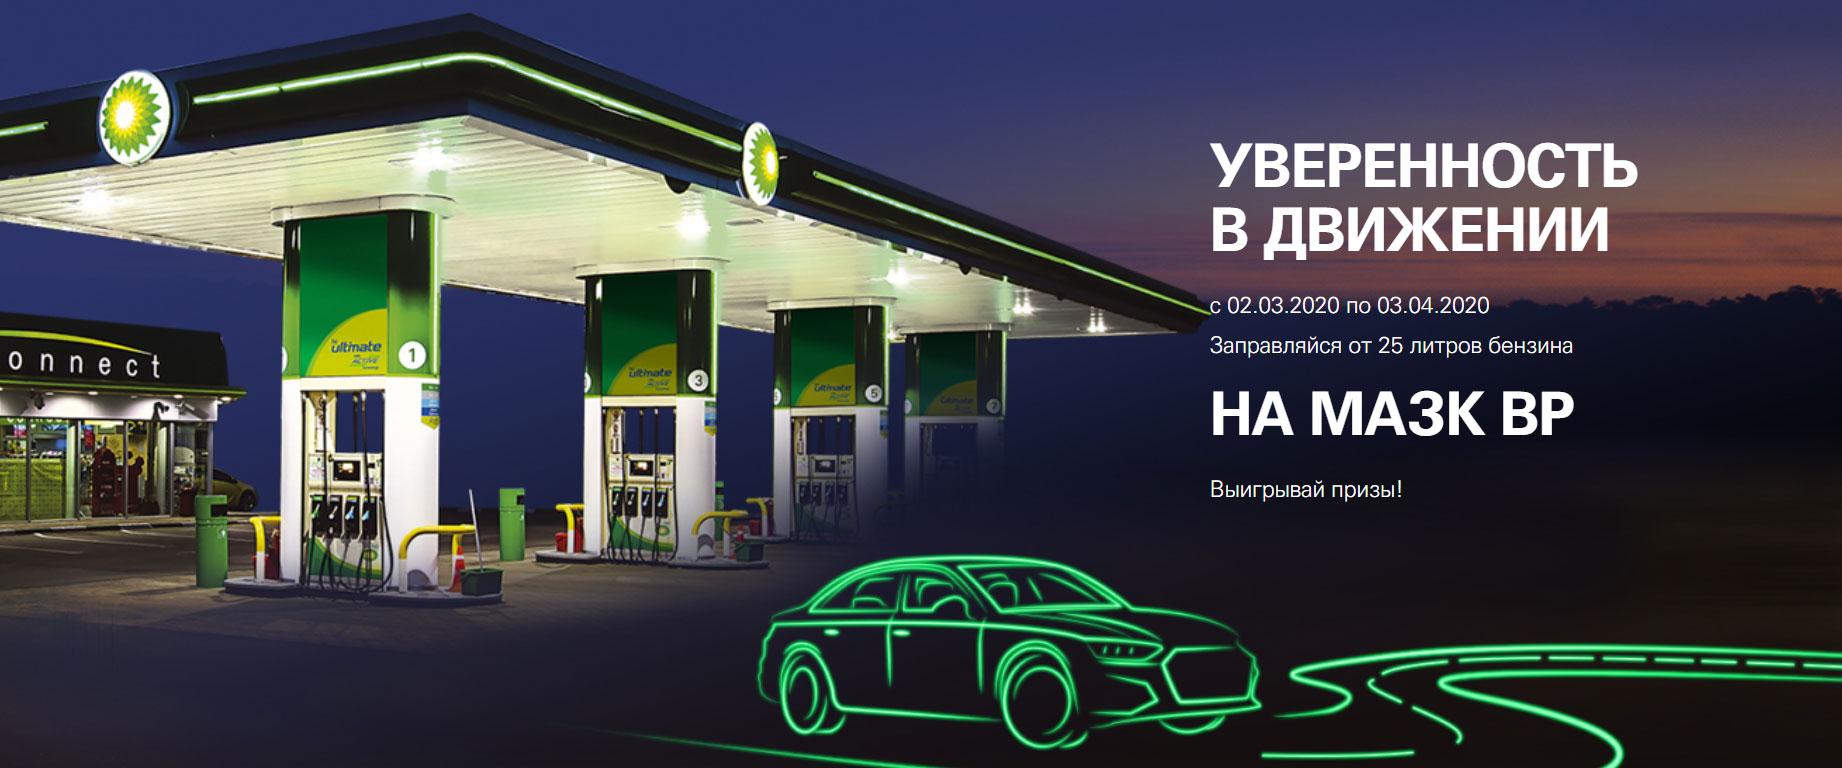 Акция на МАЗК BP «Уверенность в движении»